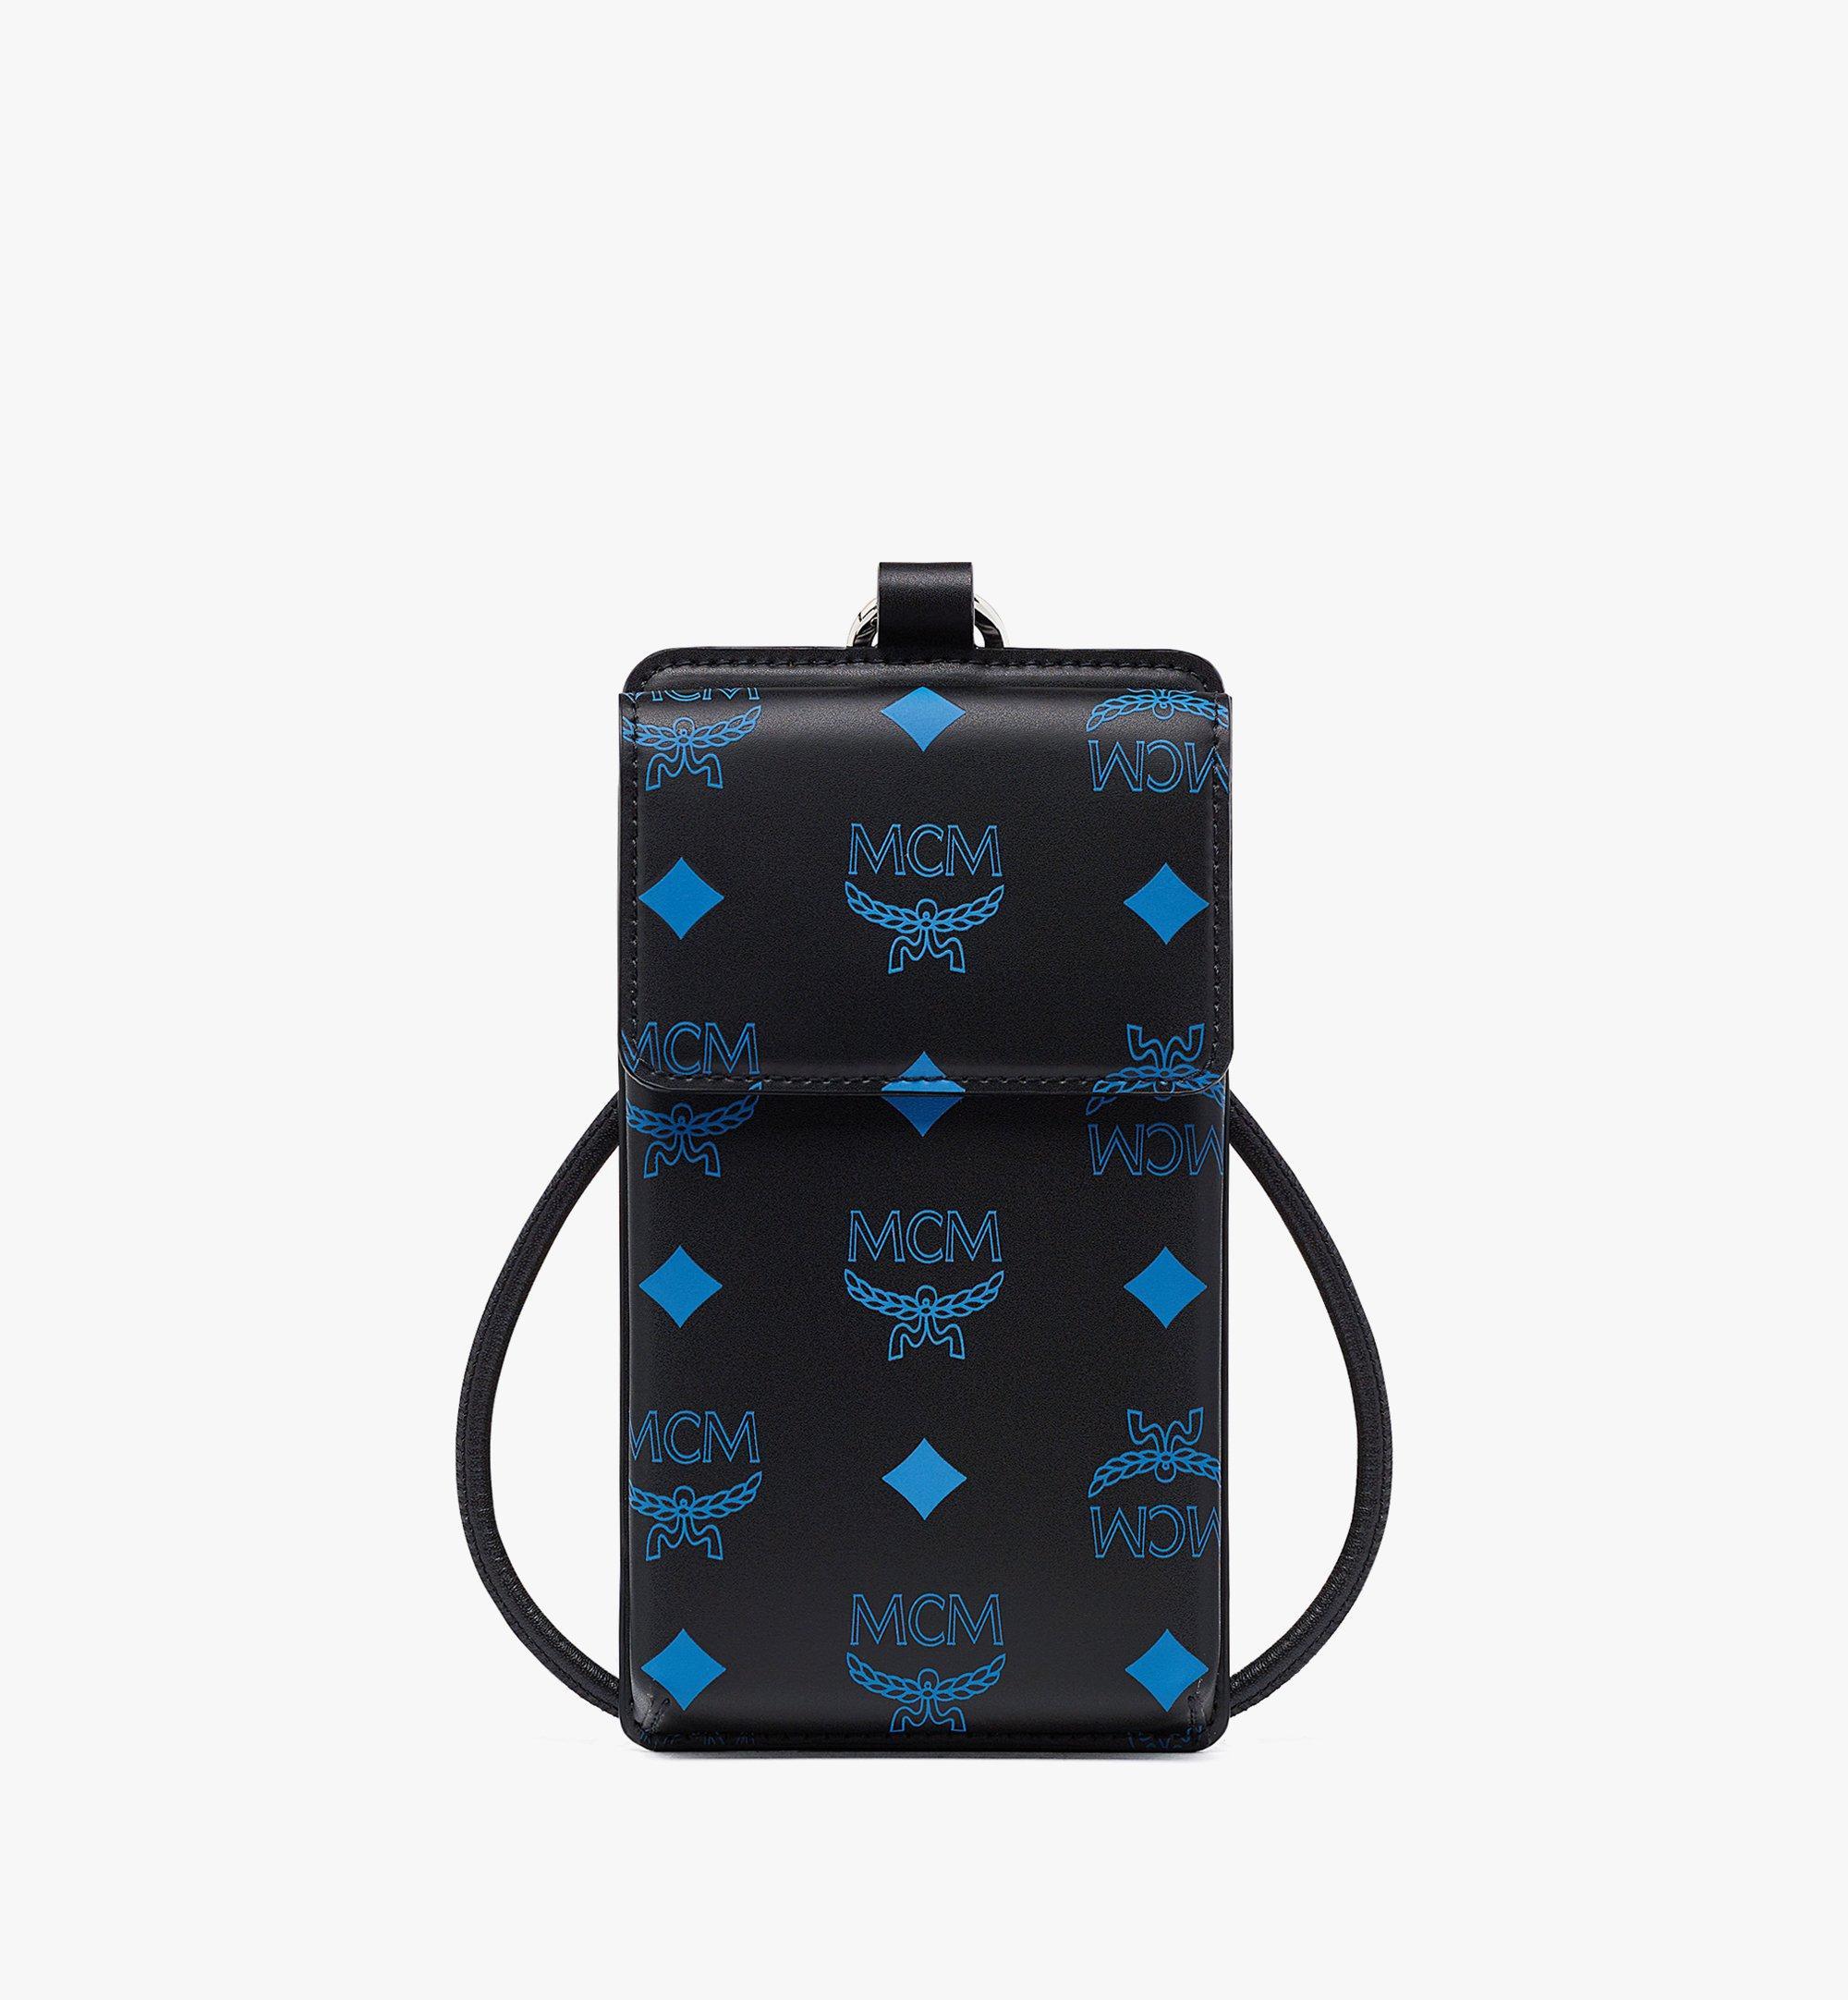 MCM เคสโทรศัพท์พร้อมสายคล้องวัสดุหนังลายโลโก้ Color Splash Blue MXZBASX05H9001 มุมมองอื่น 1